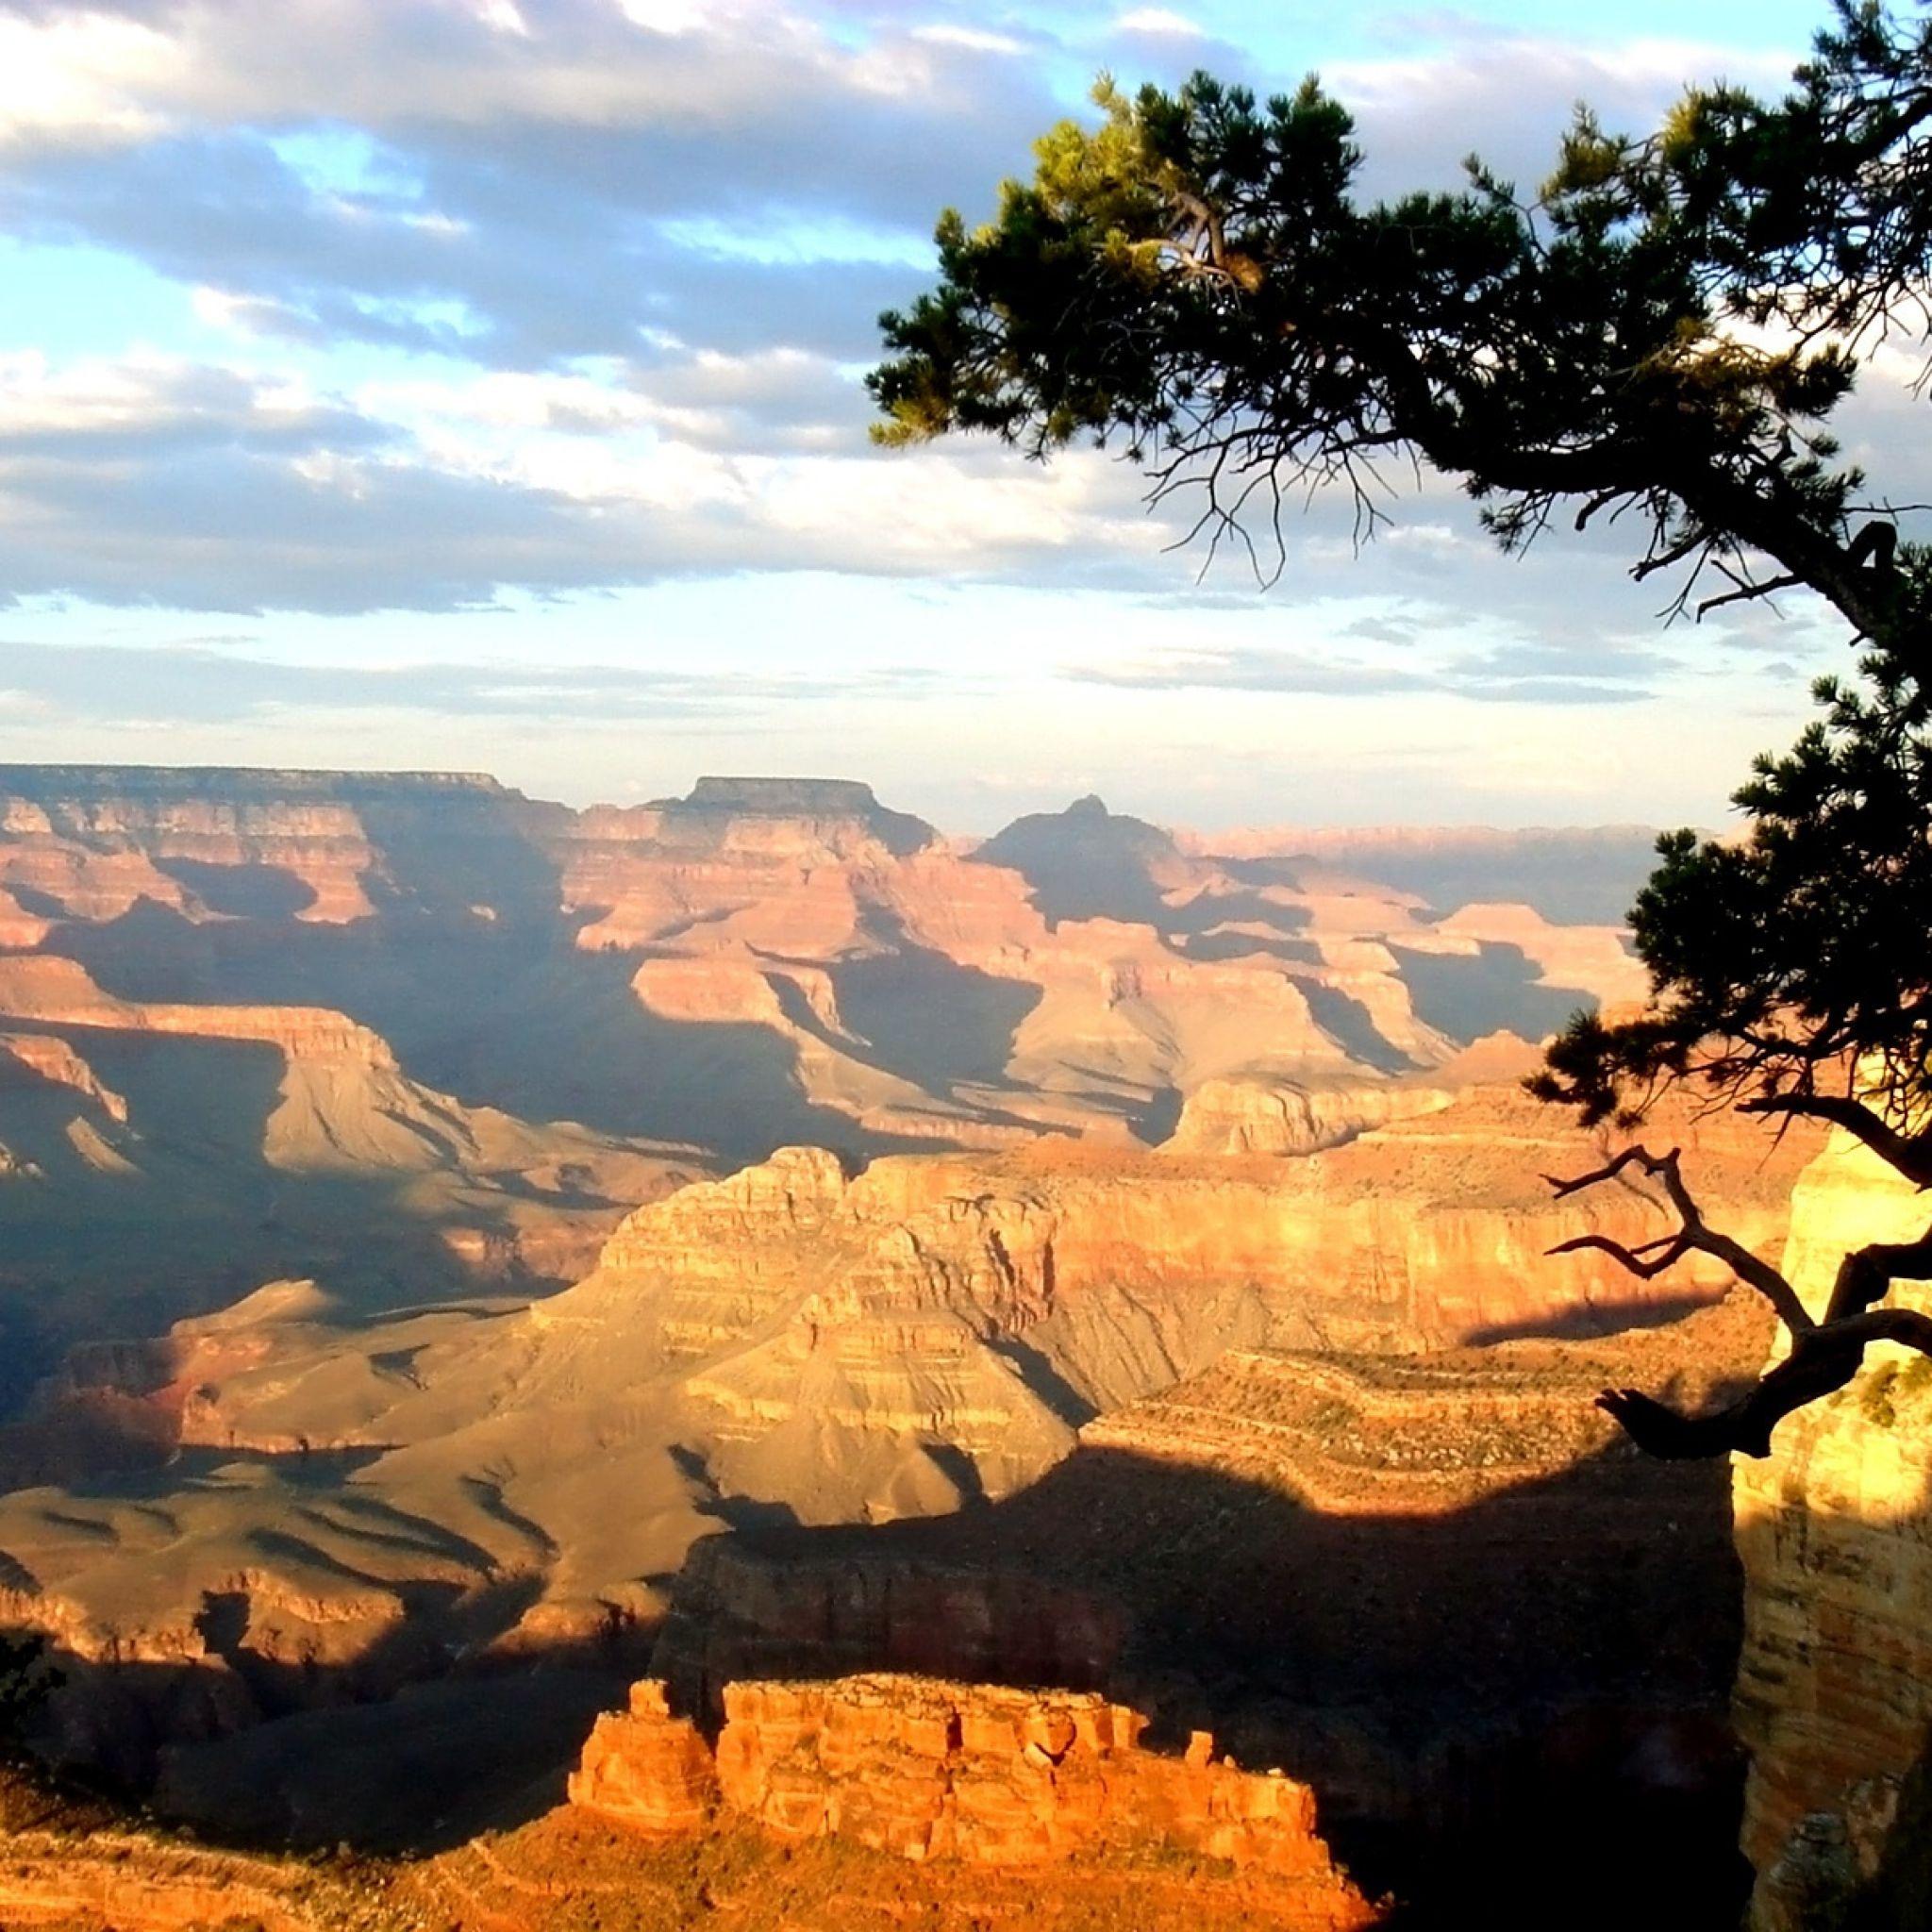 Good Wallpaper Mac Grand Canyon - d4cf8430022d2947e920d4aa01a9d664  Best Photo Reference_169663.jpg